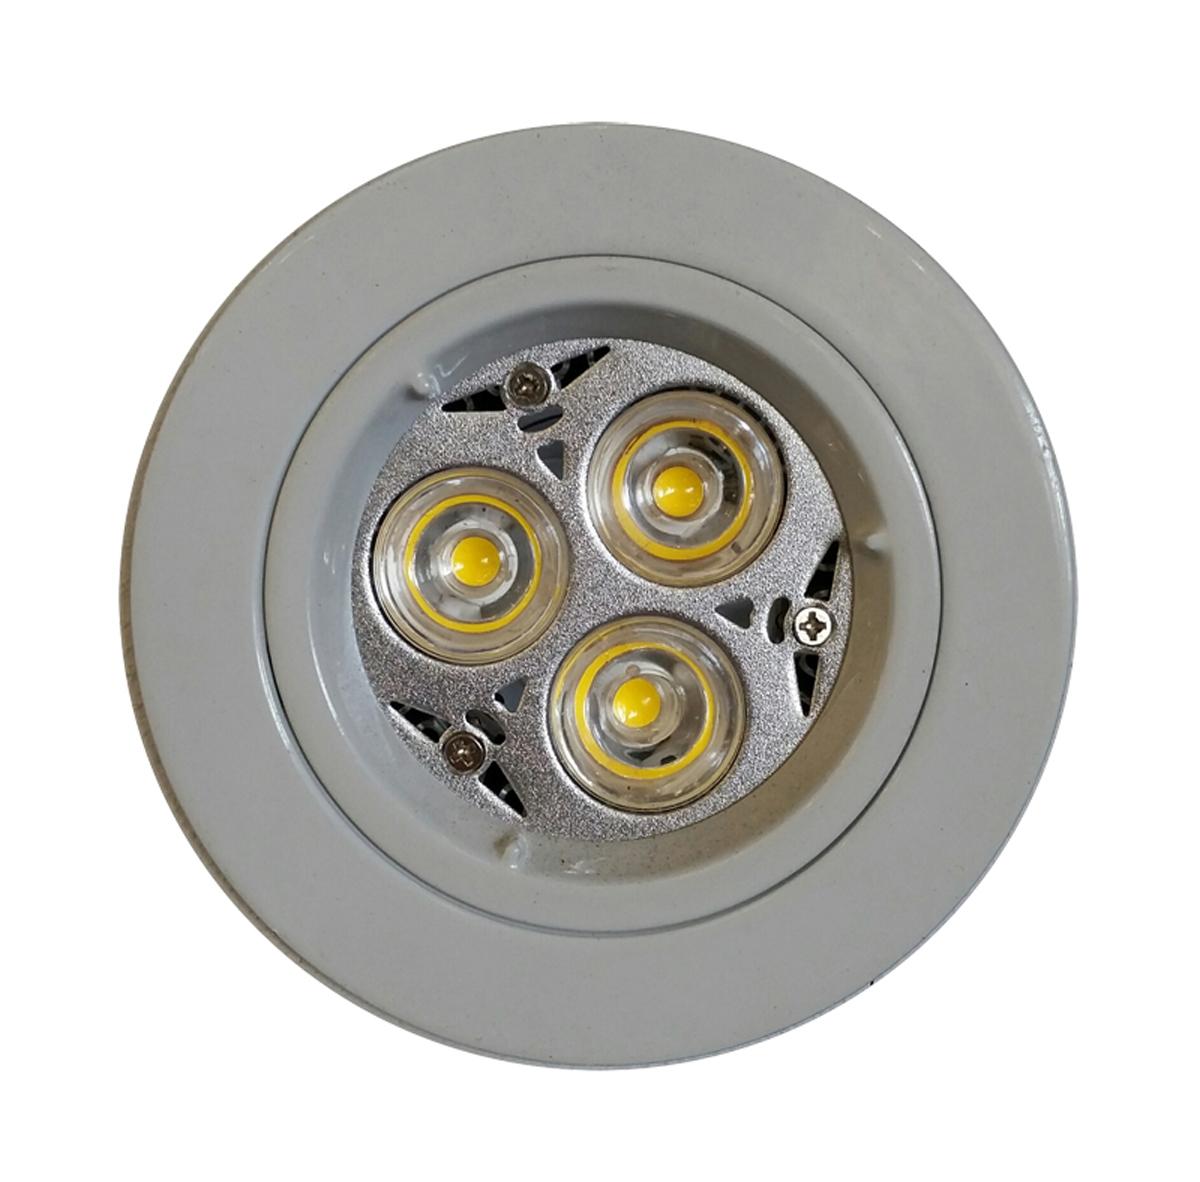 9 watt dimmable led downlight kit 240v cool white led. Black Bedroom Furniture Sets. Home Design Ideas